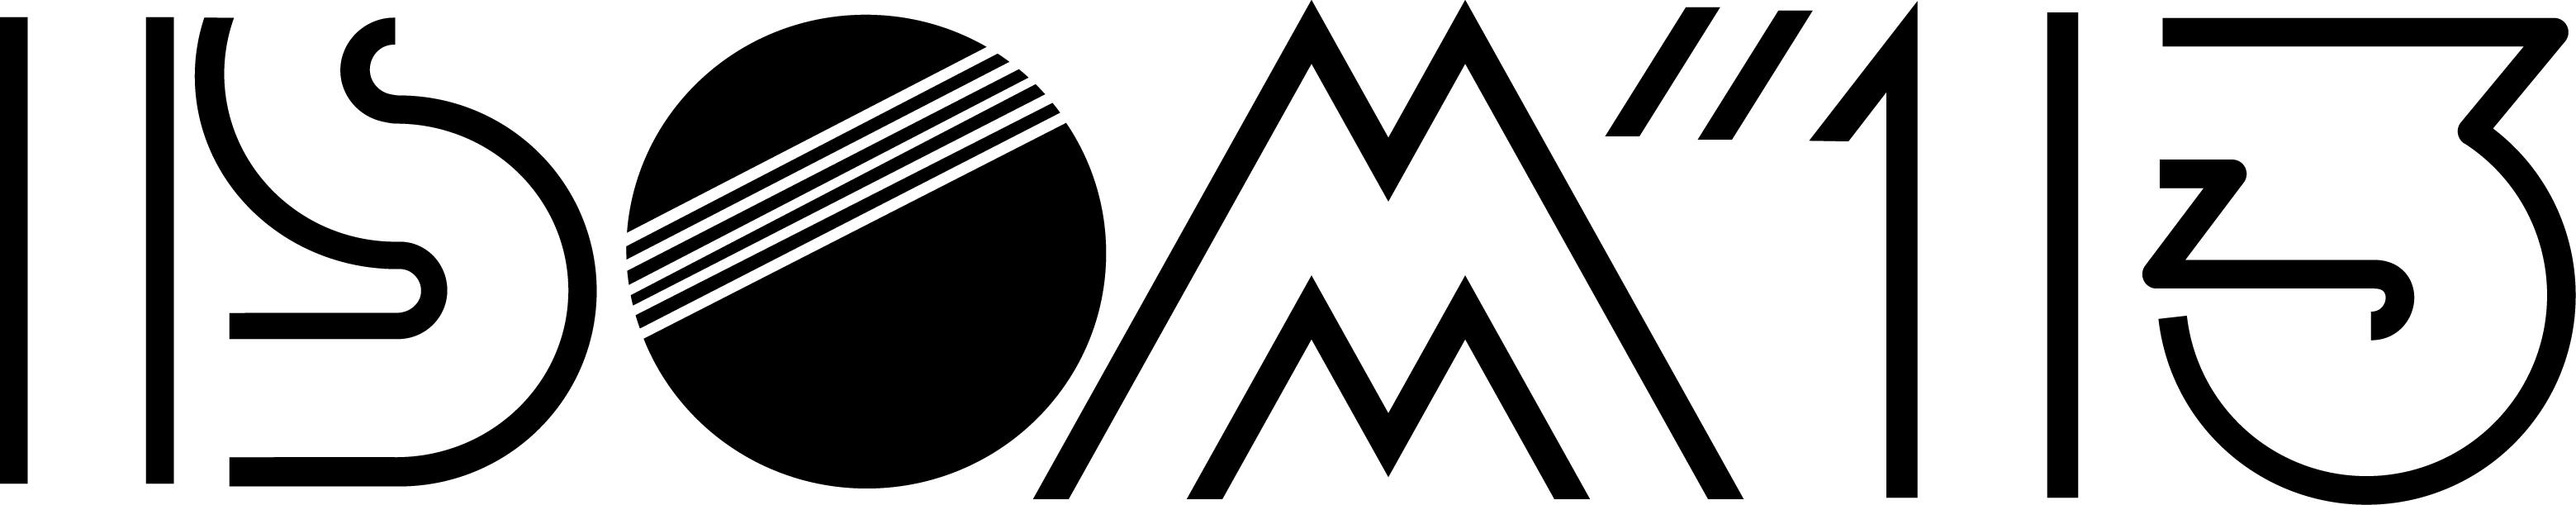 Isom13_logo.jpg